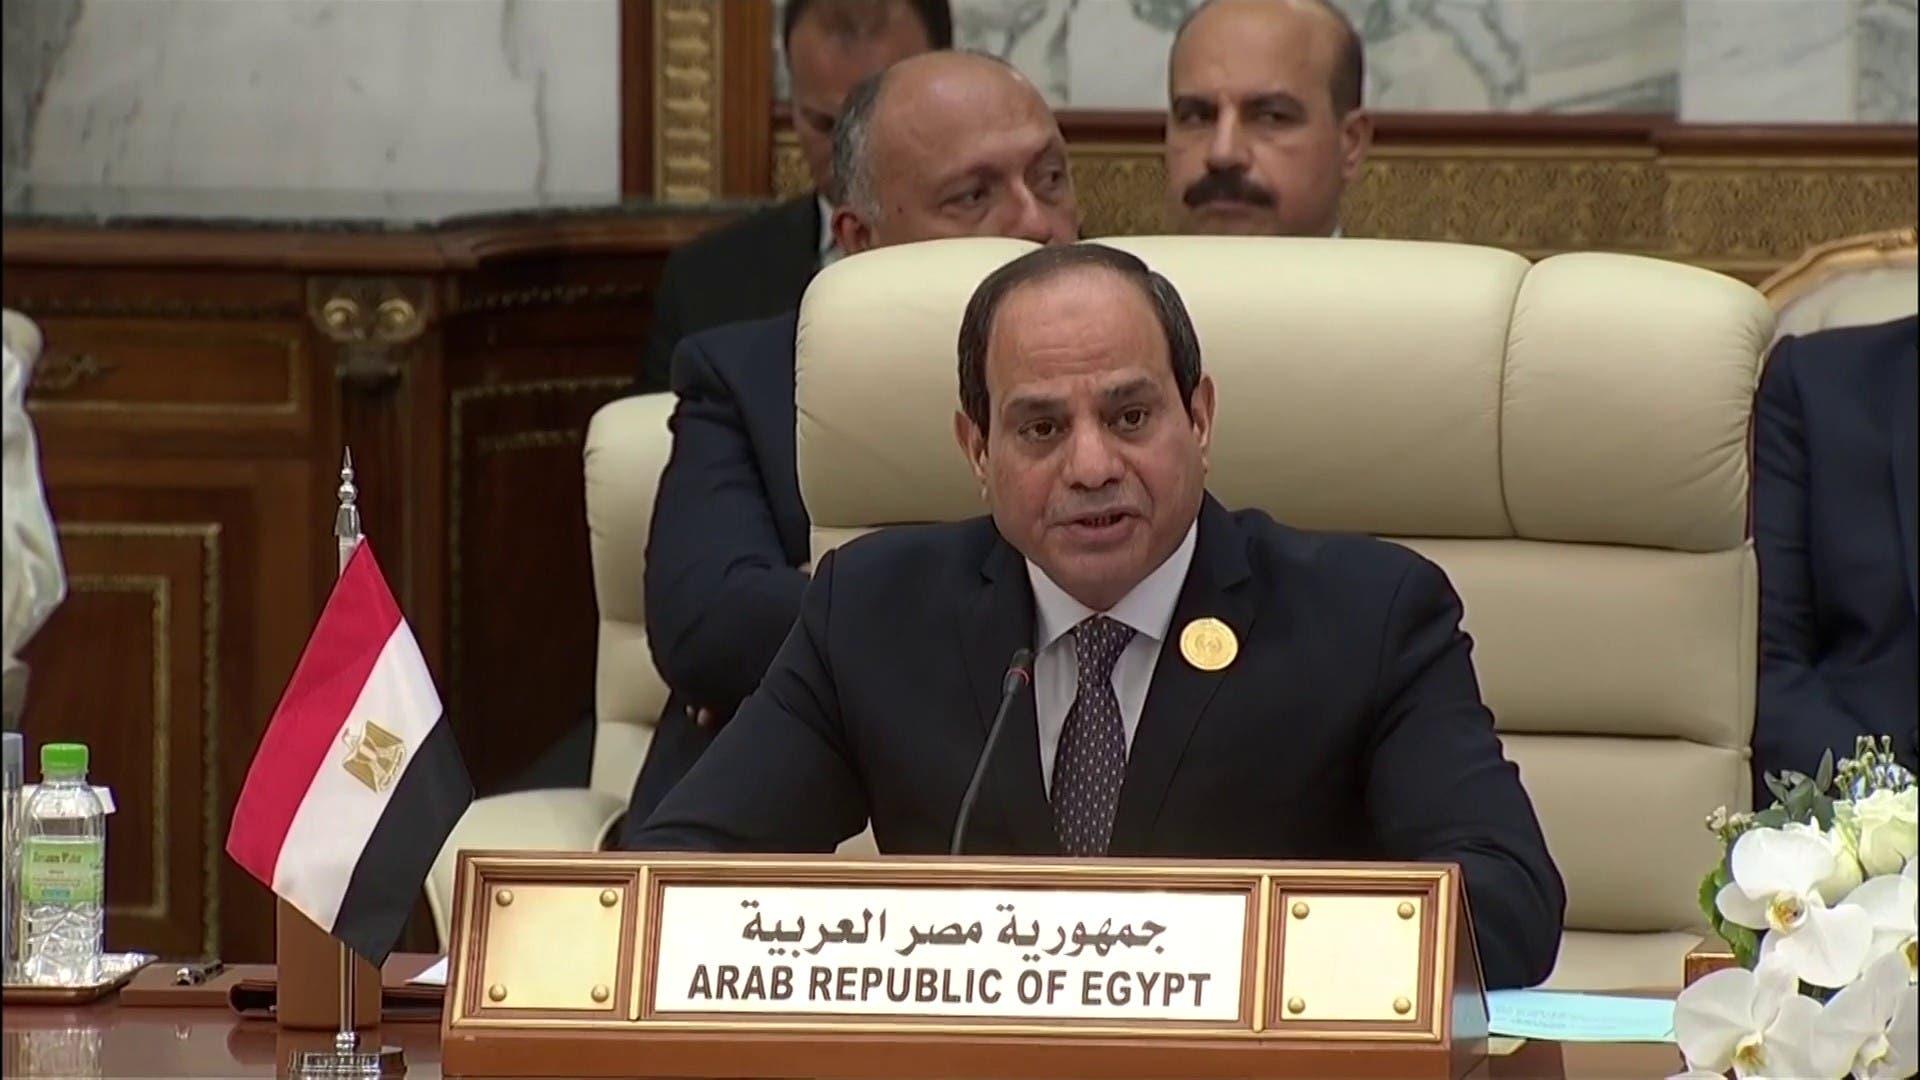 عبدالفتاح السیسی رئیسجمهوری مصر